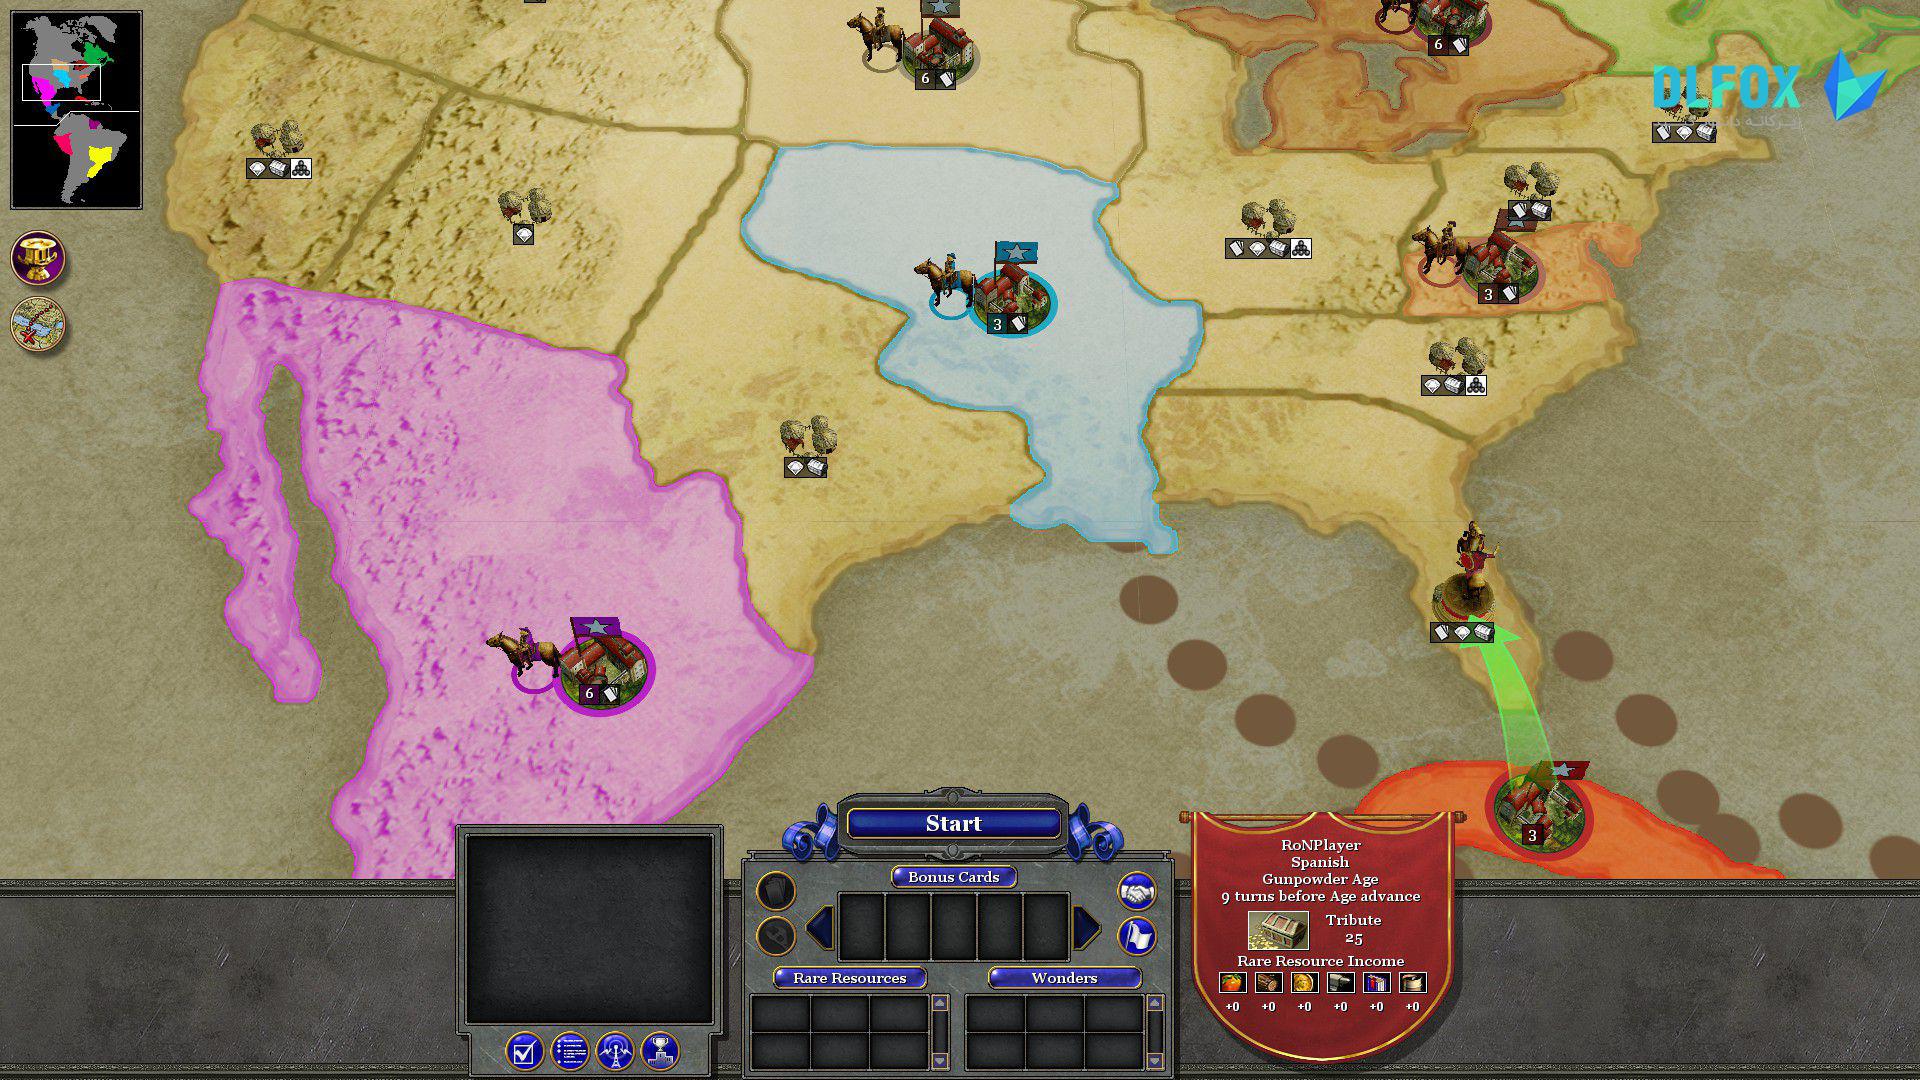 دانلود نسخه فشرده بازی Rise of Nations: Extended Edition برای PC